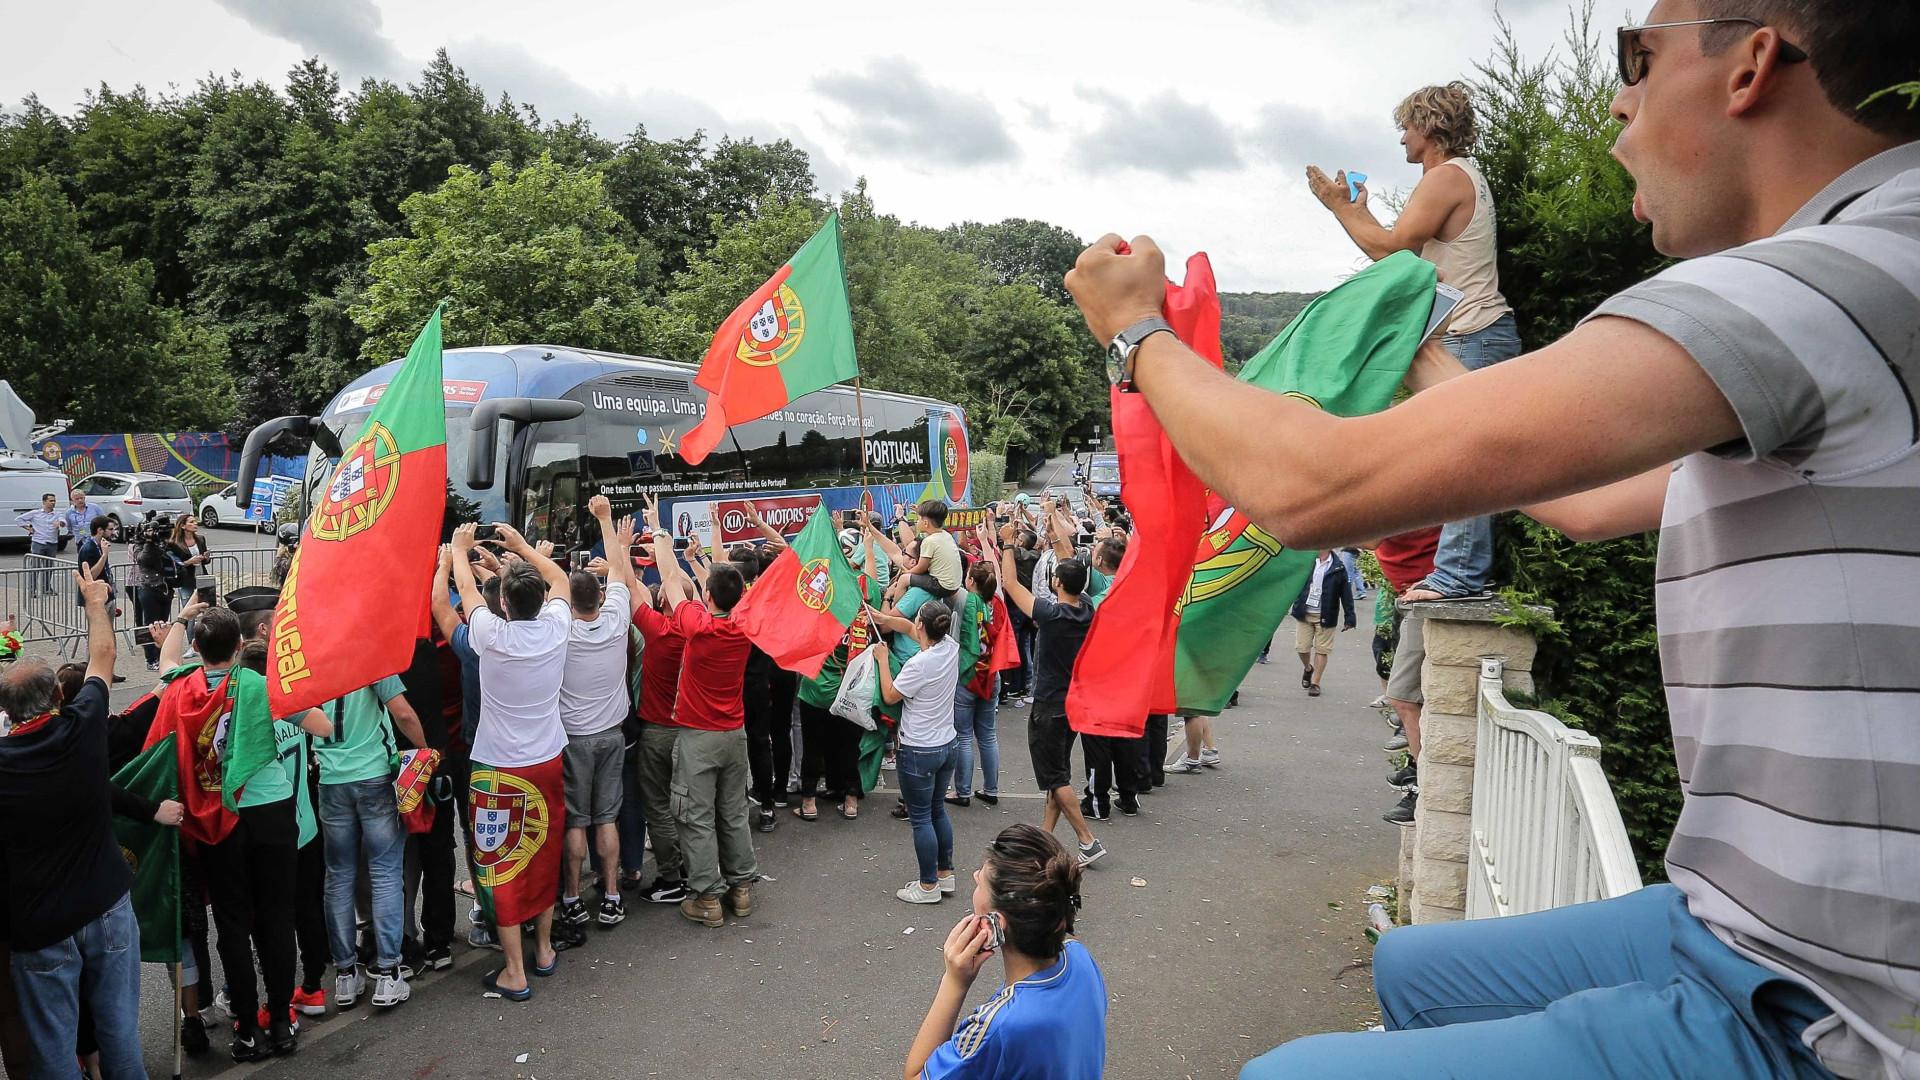 Peça inspirada na vitória de Portugal no Europeu chega a França